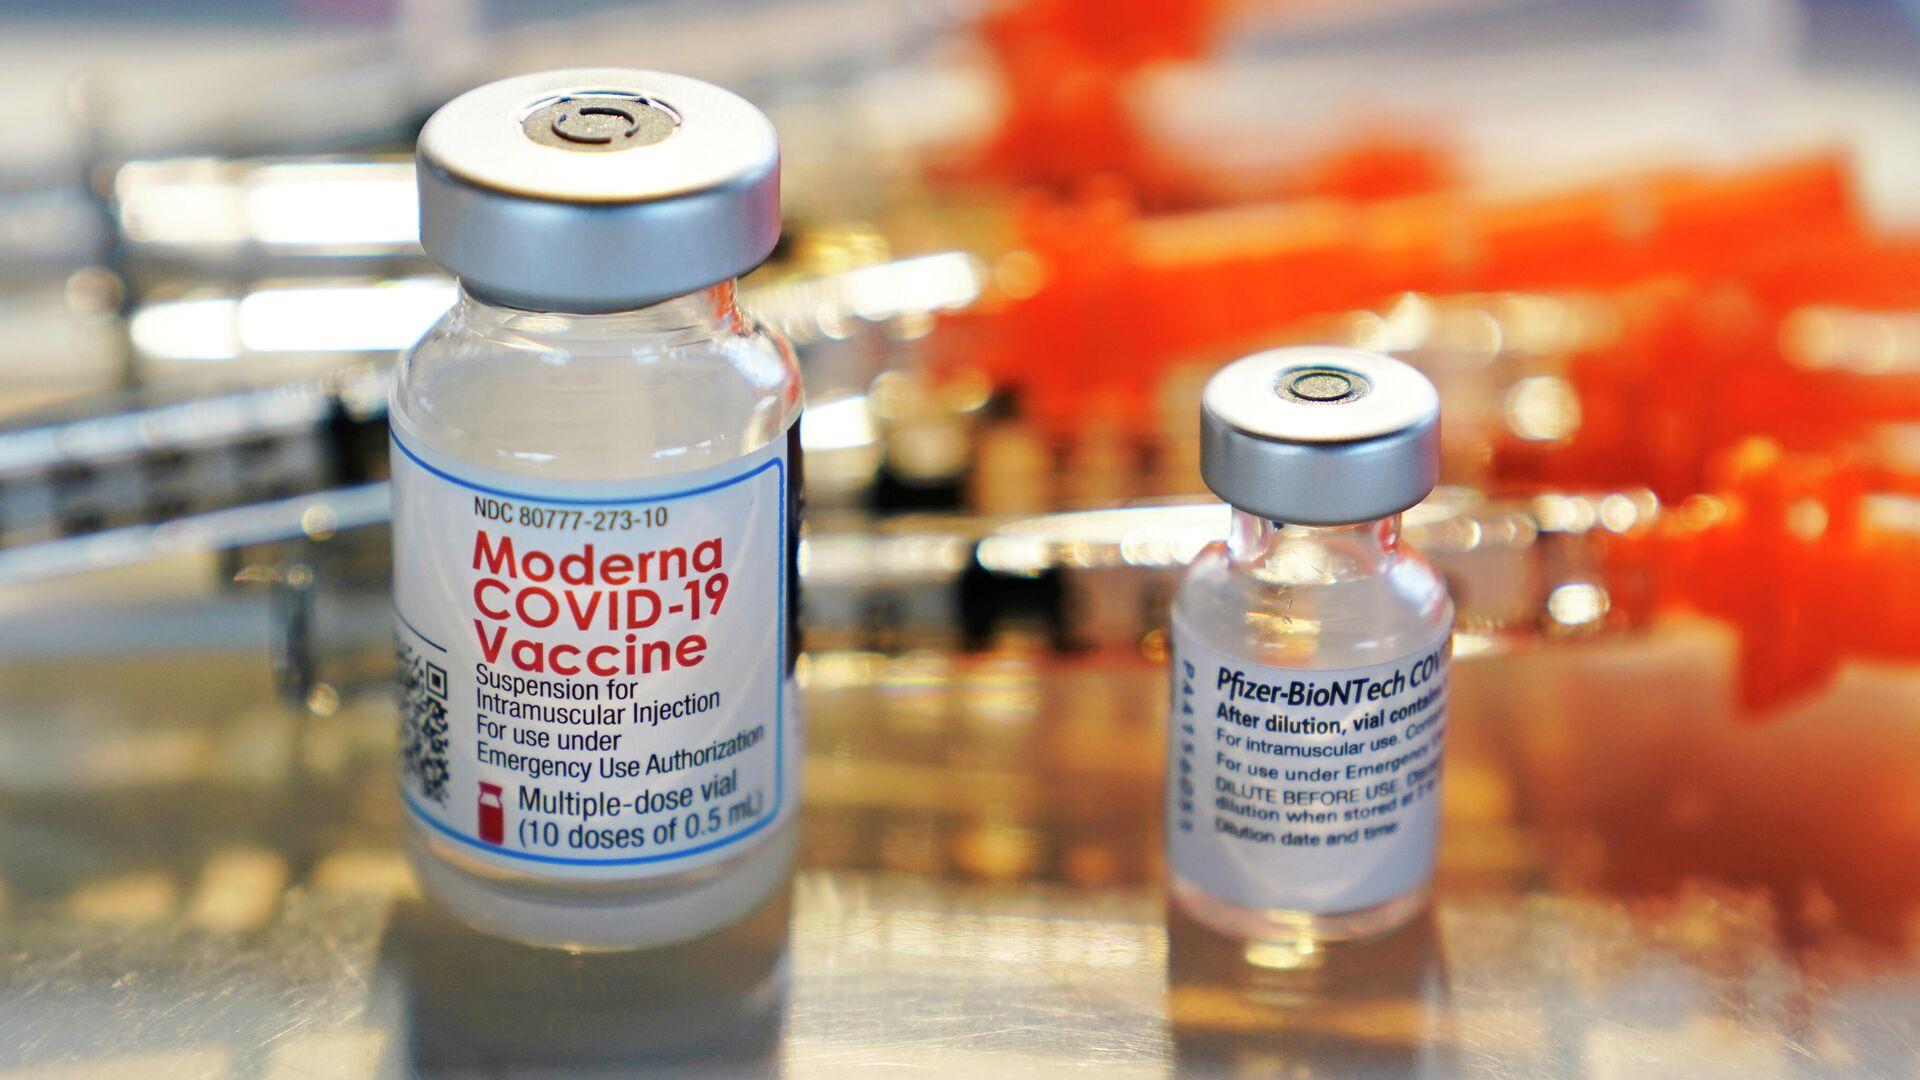 Флаконы с вакцинами Moderna и Pfizer COVID-19 выставлены на подносе в клинике - Sputnik Таджикистан, 1920, 26.07.2021